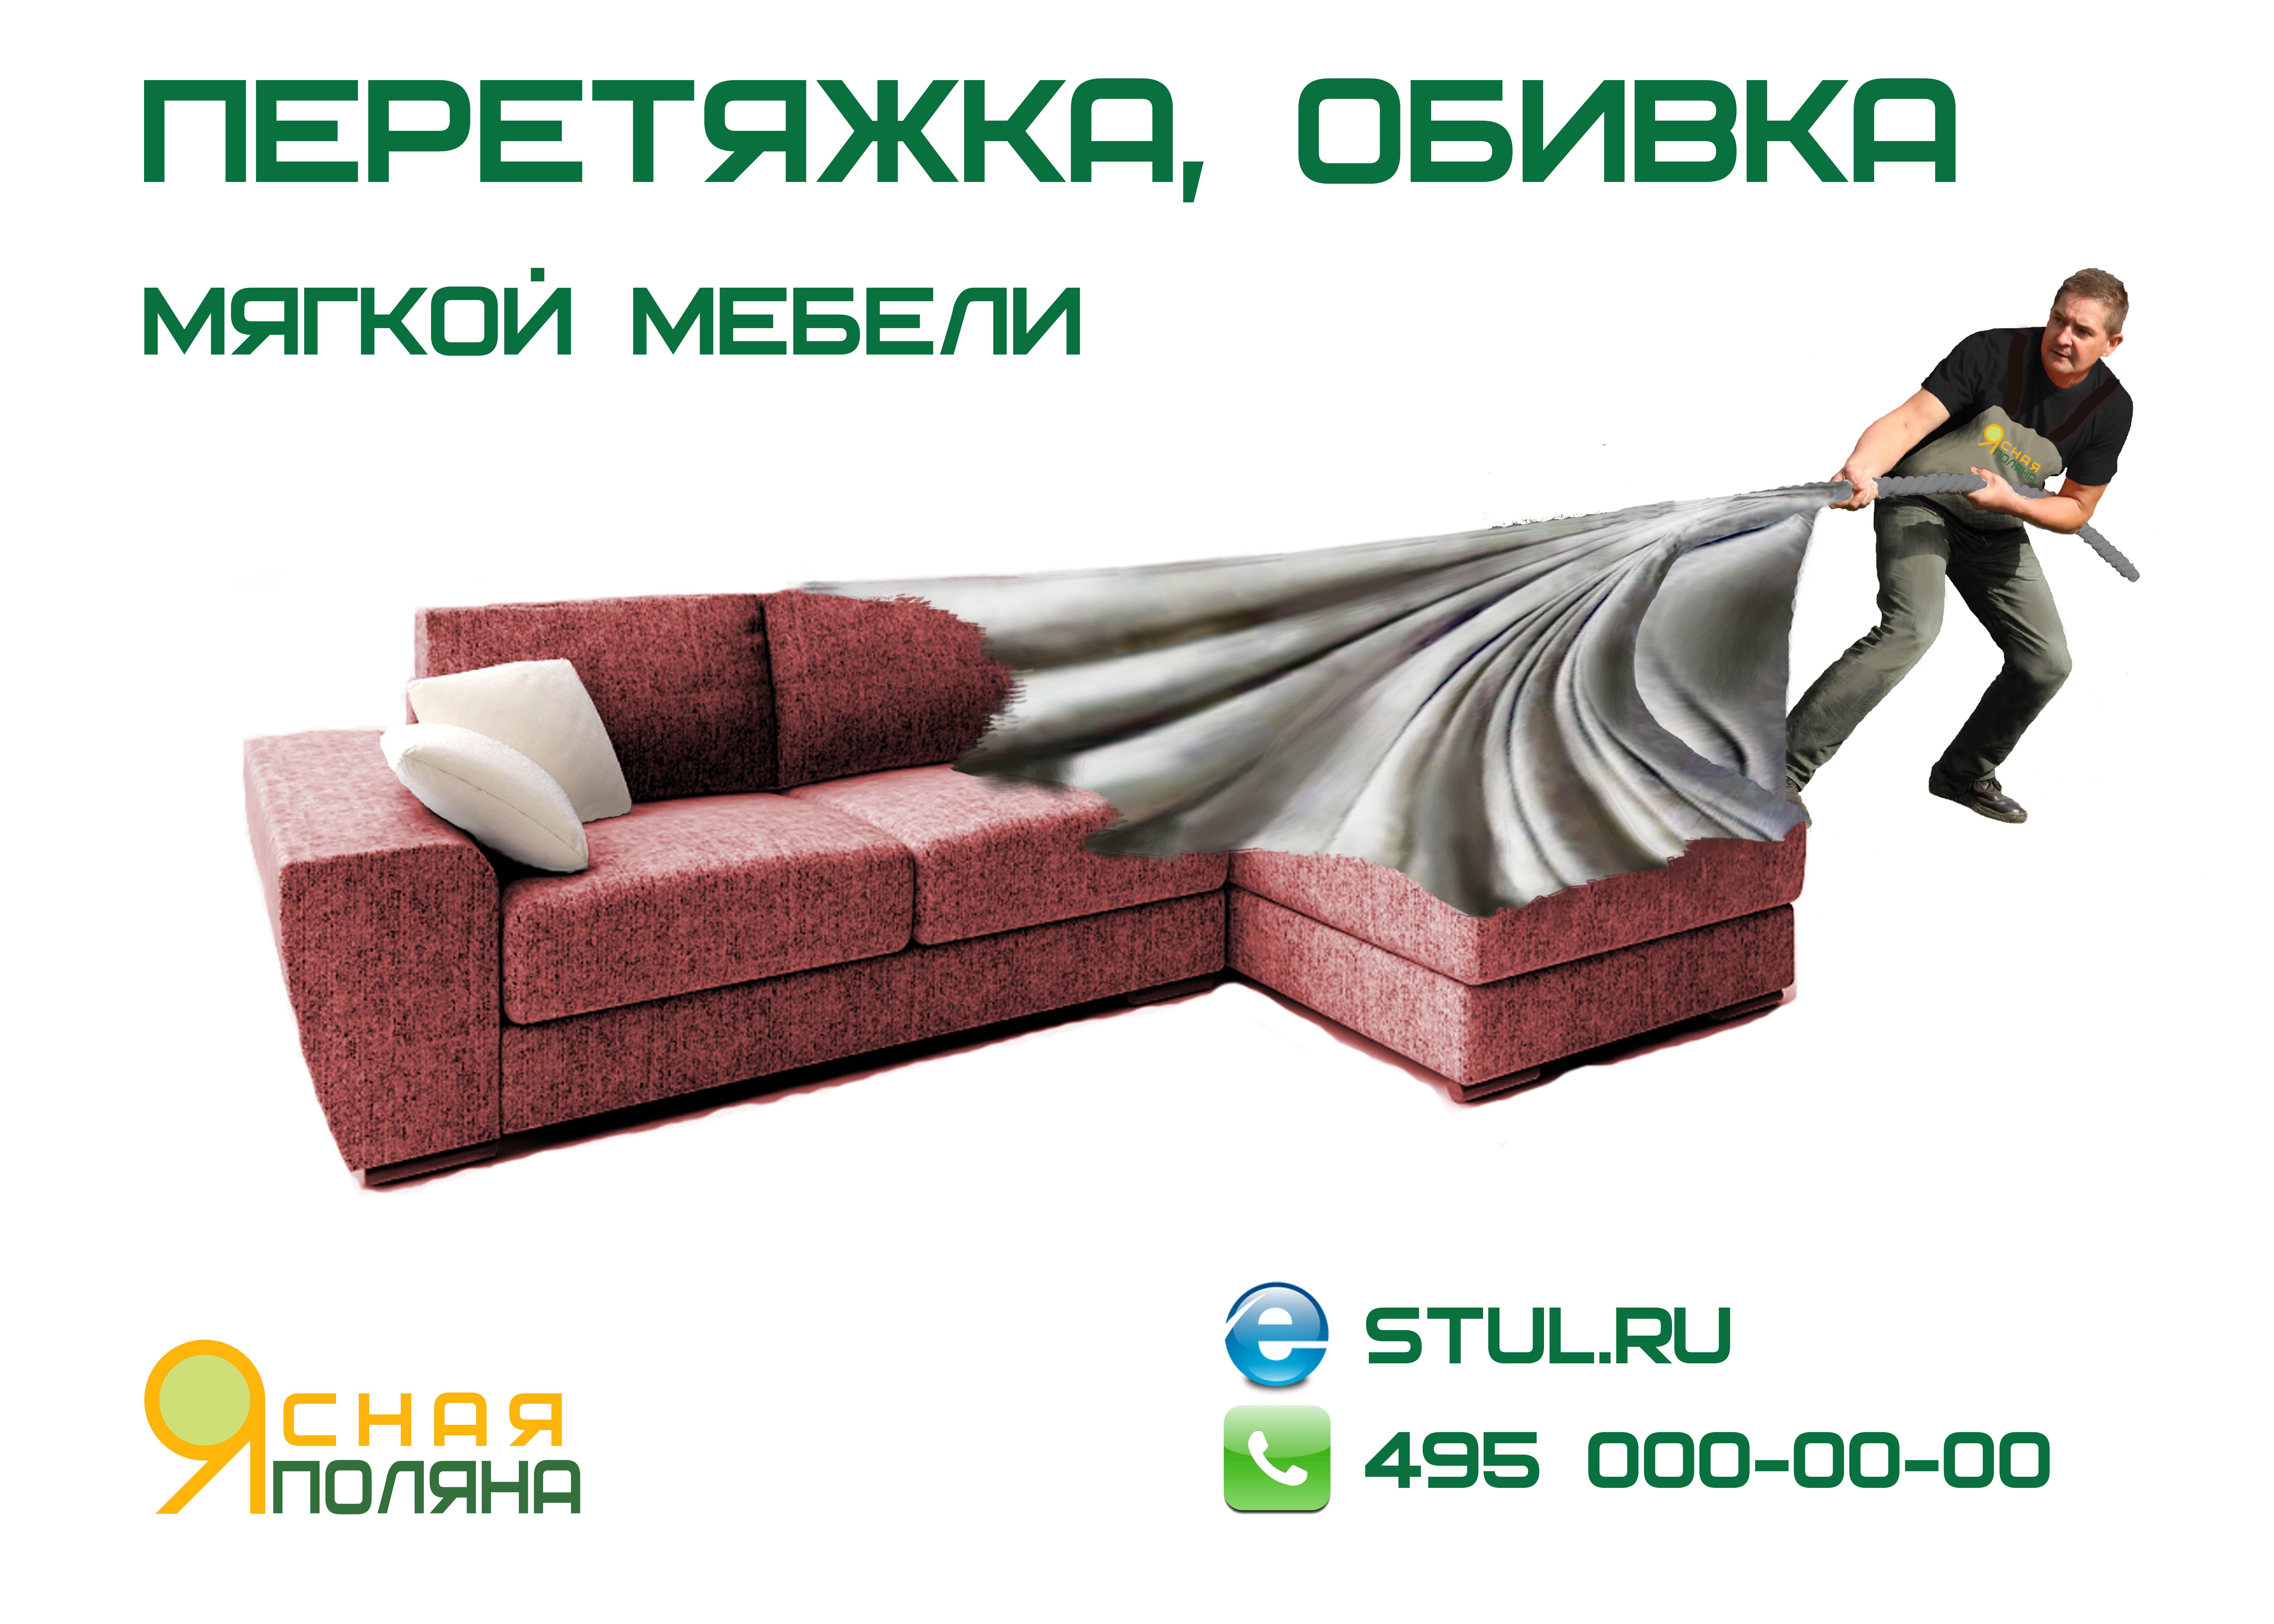 логотип и дизайн для билборда фото f_99354a5b2b0c8c93.jpg